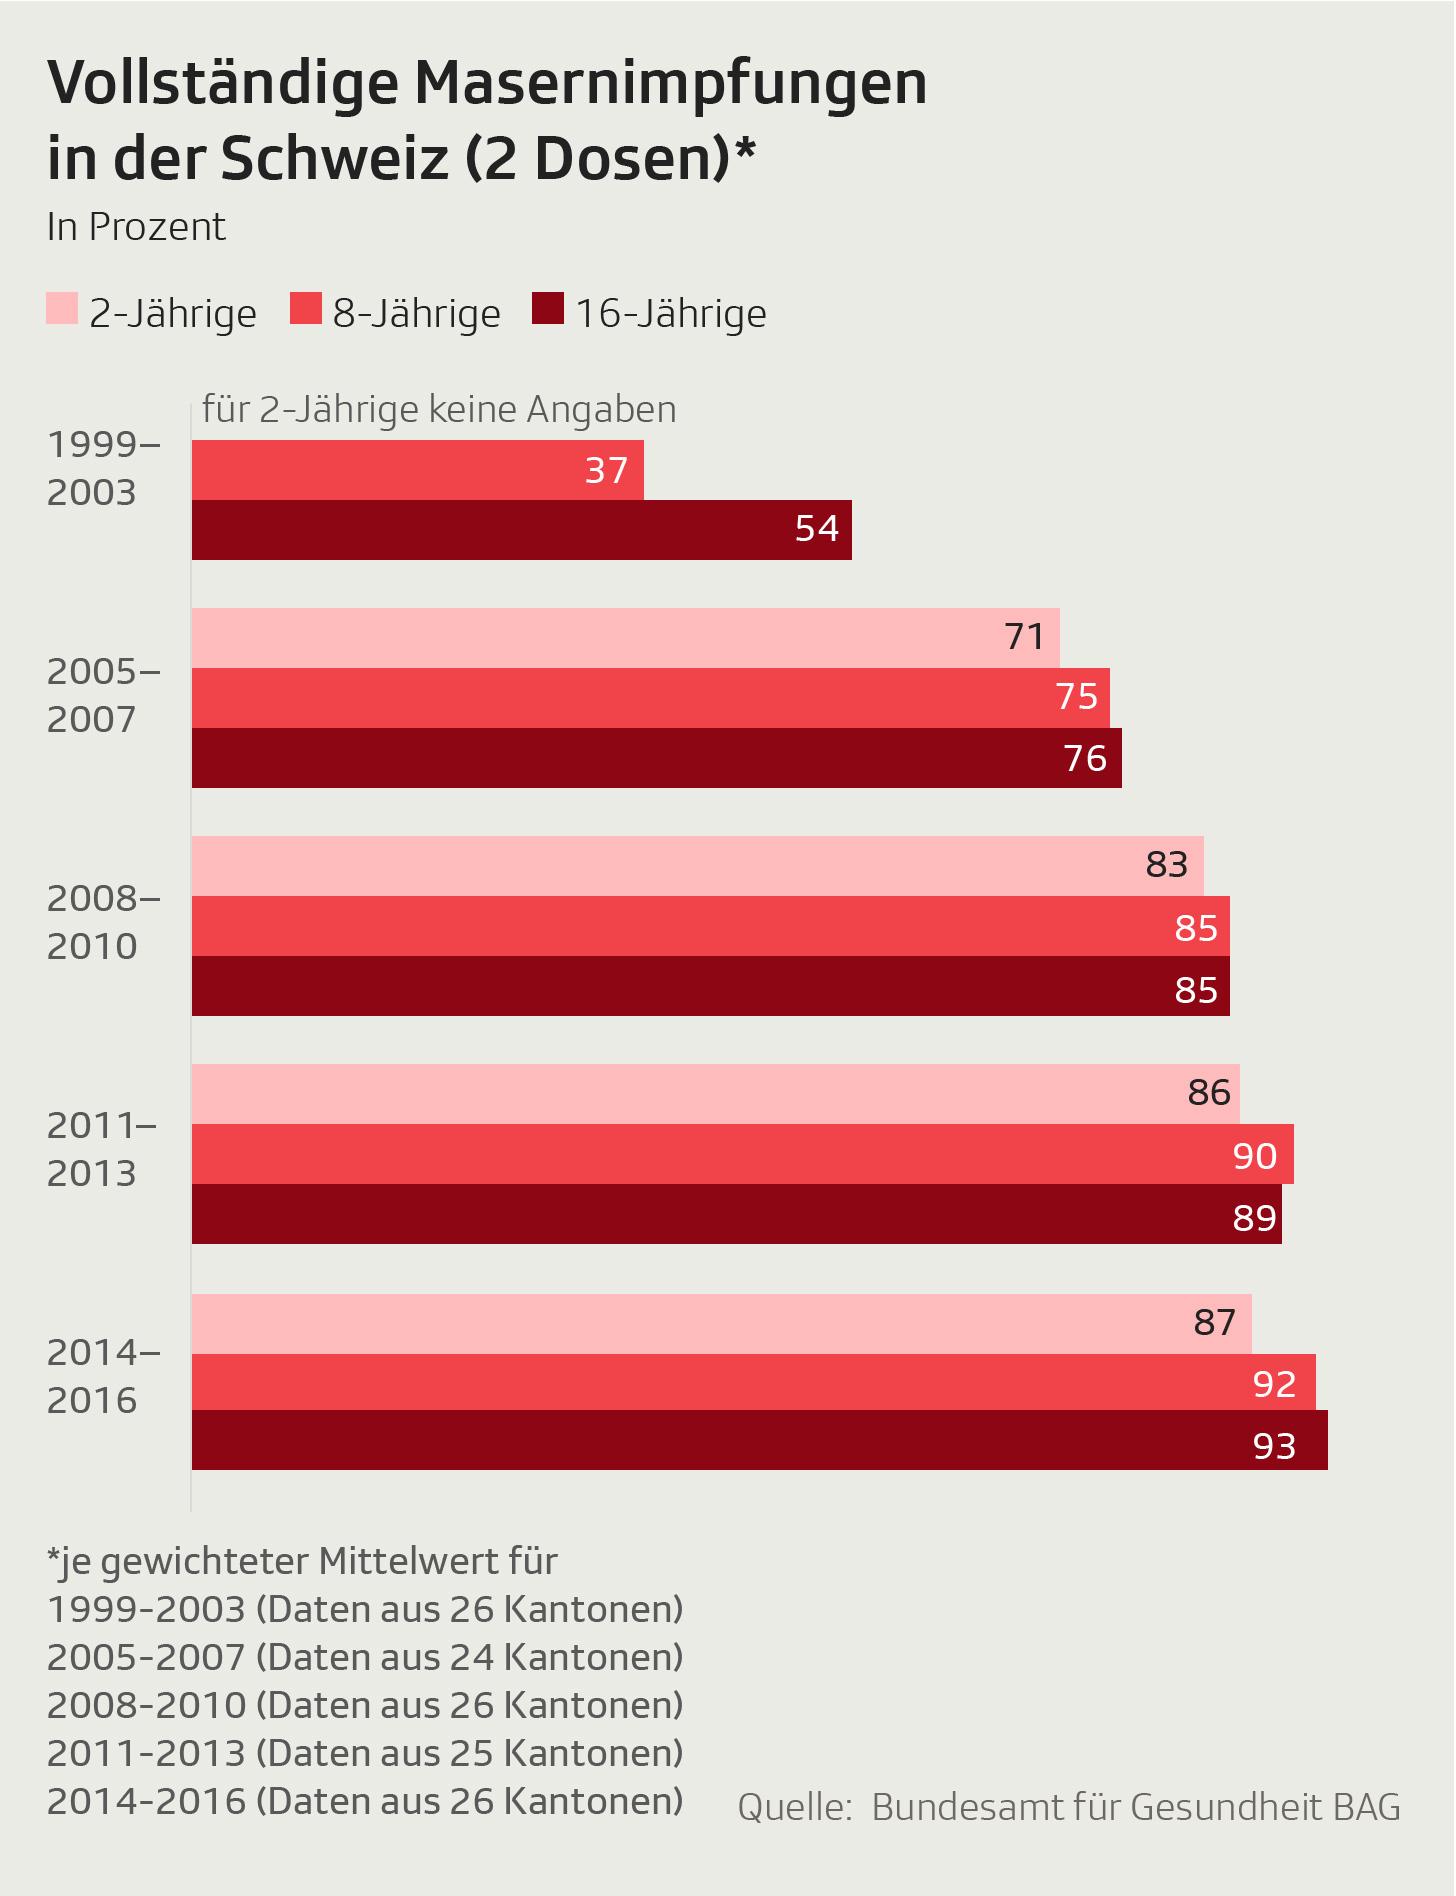 Grafik zeigt die Anzahl der Impfungen bei bis zu 16-Jährigen in der Schweiz